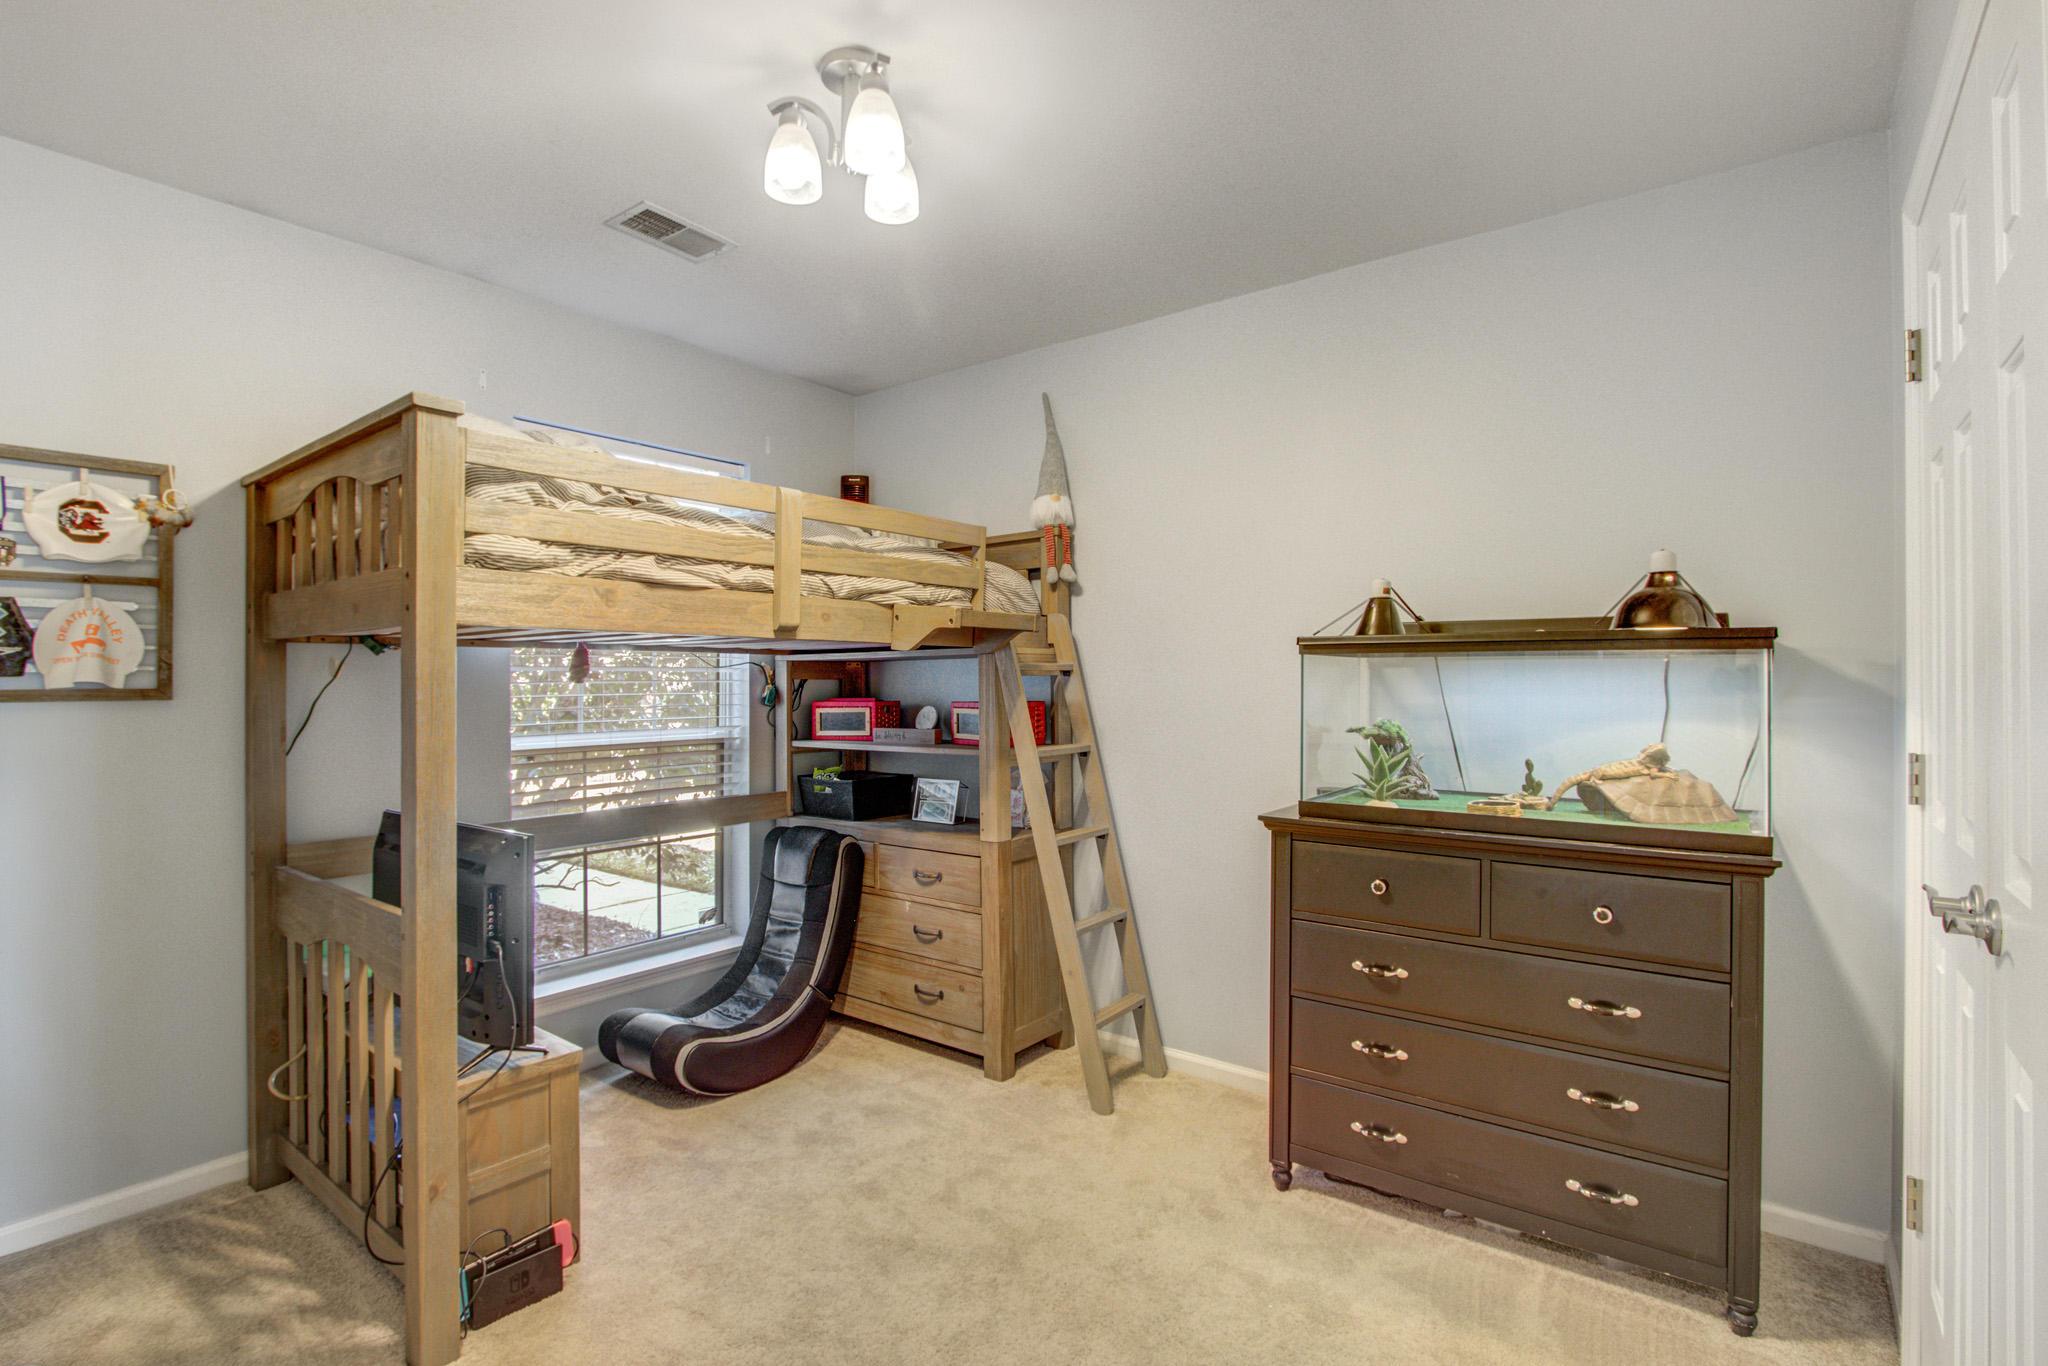 Dunes West Homes For Sale - 1425 Water Oak Cut, Mount Pleasant, SC - 1